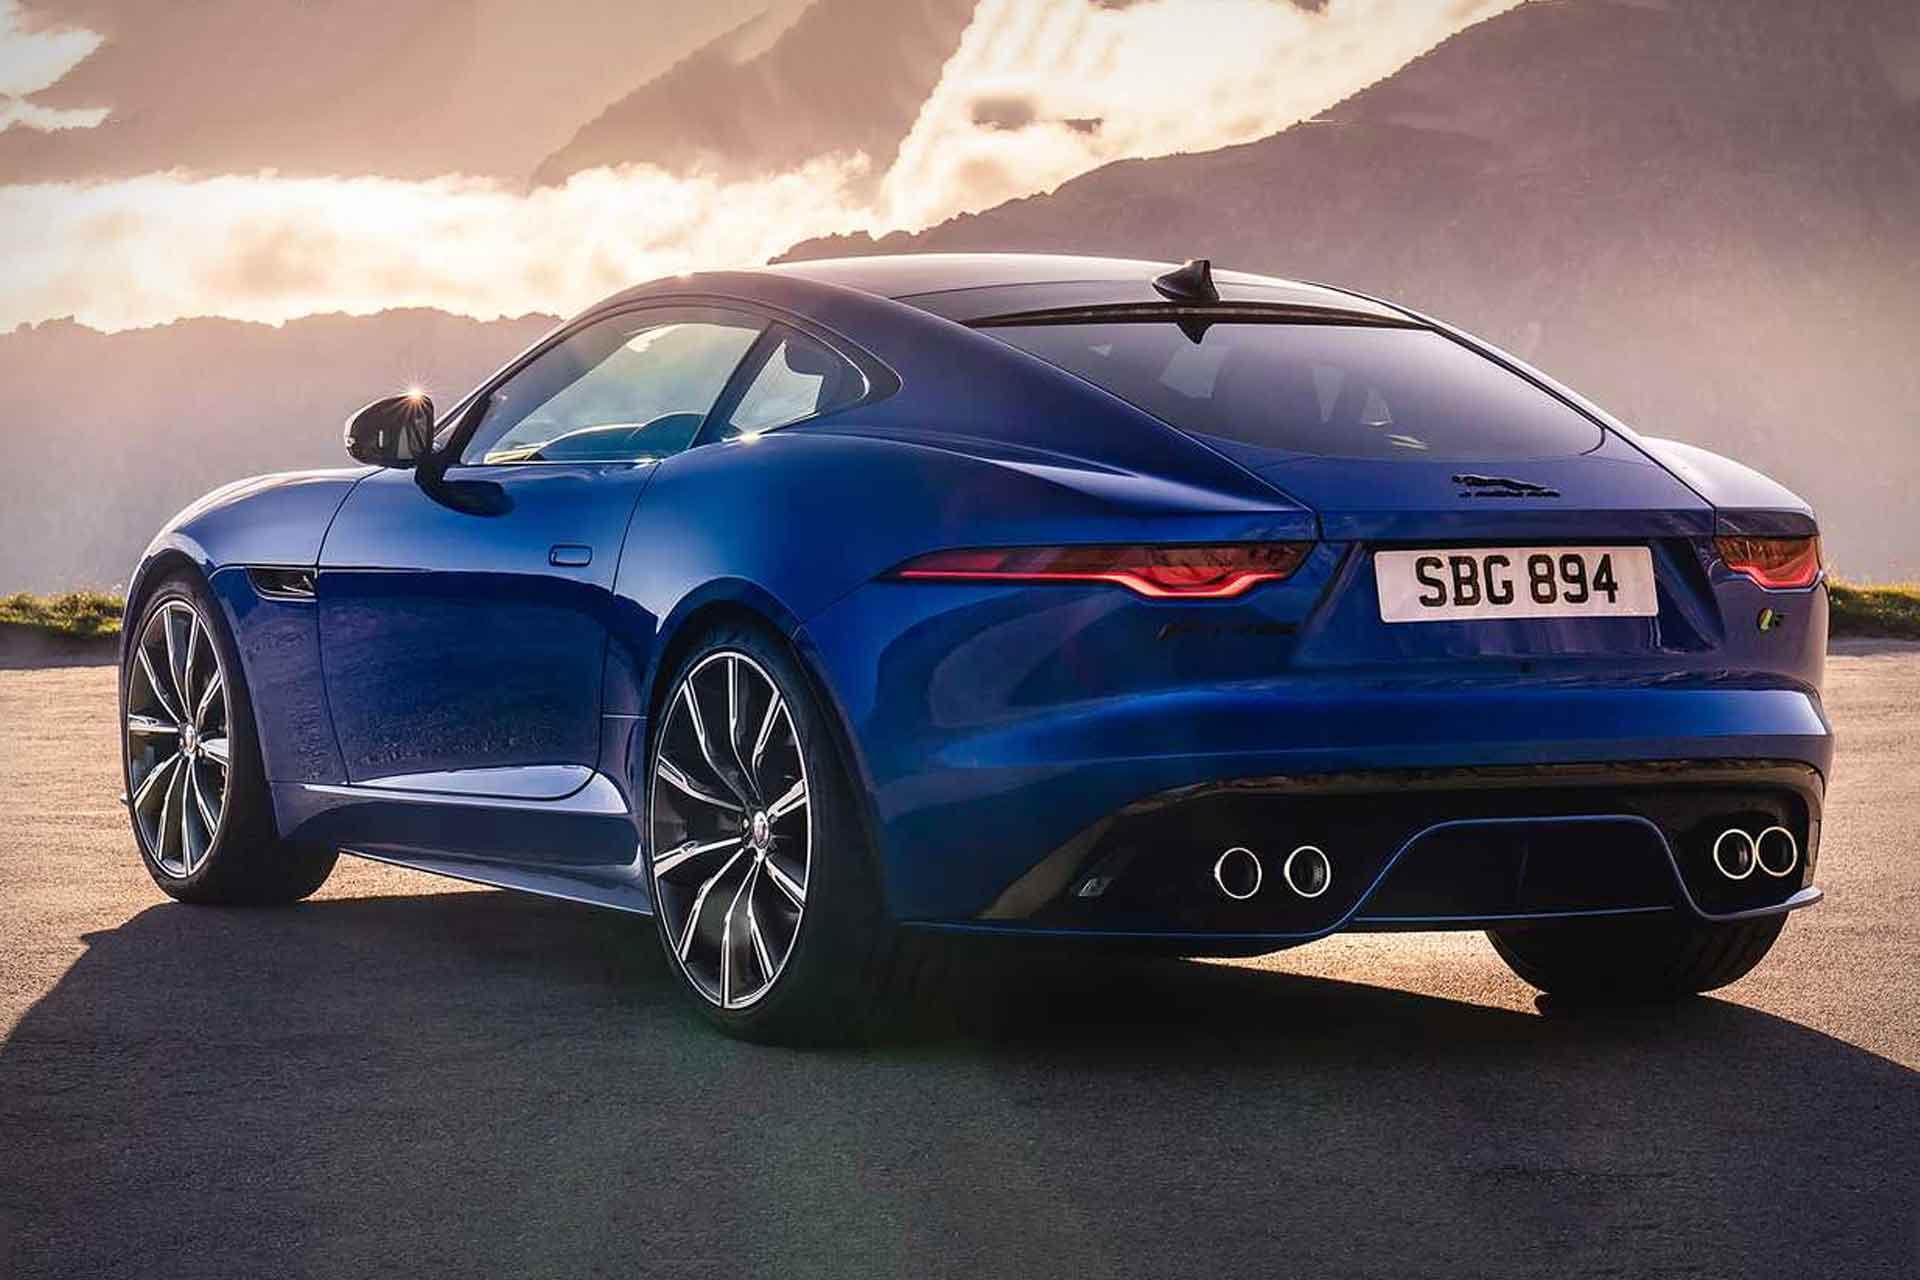 2021 Jaguar F-Type Sports Car - Flawless Crowns